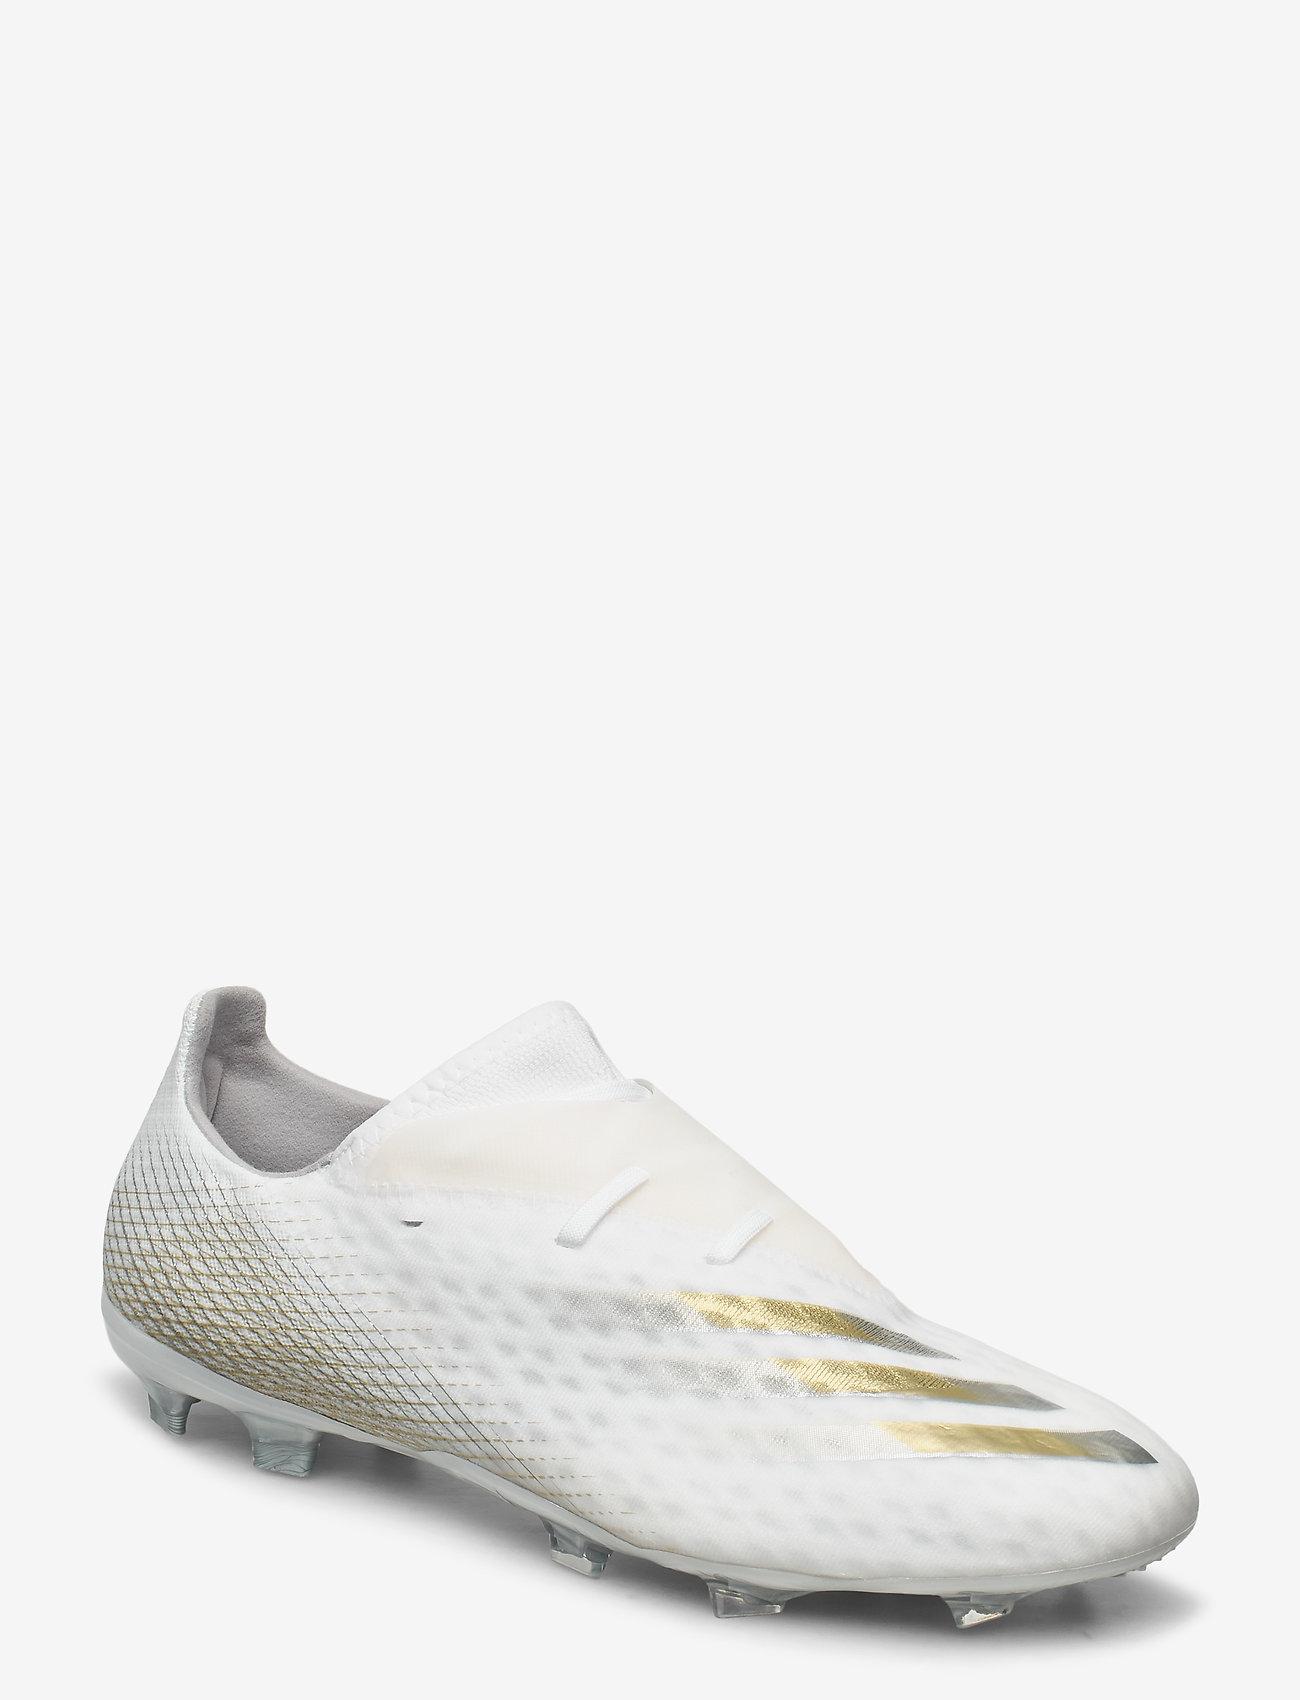 adidas Performance - X GHOSTED.2 FG - fodboldsko - ftwwht/metgol/cblack - 0